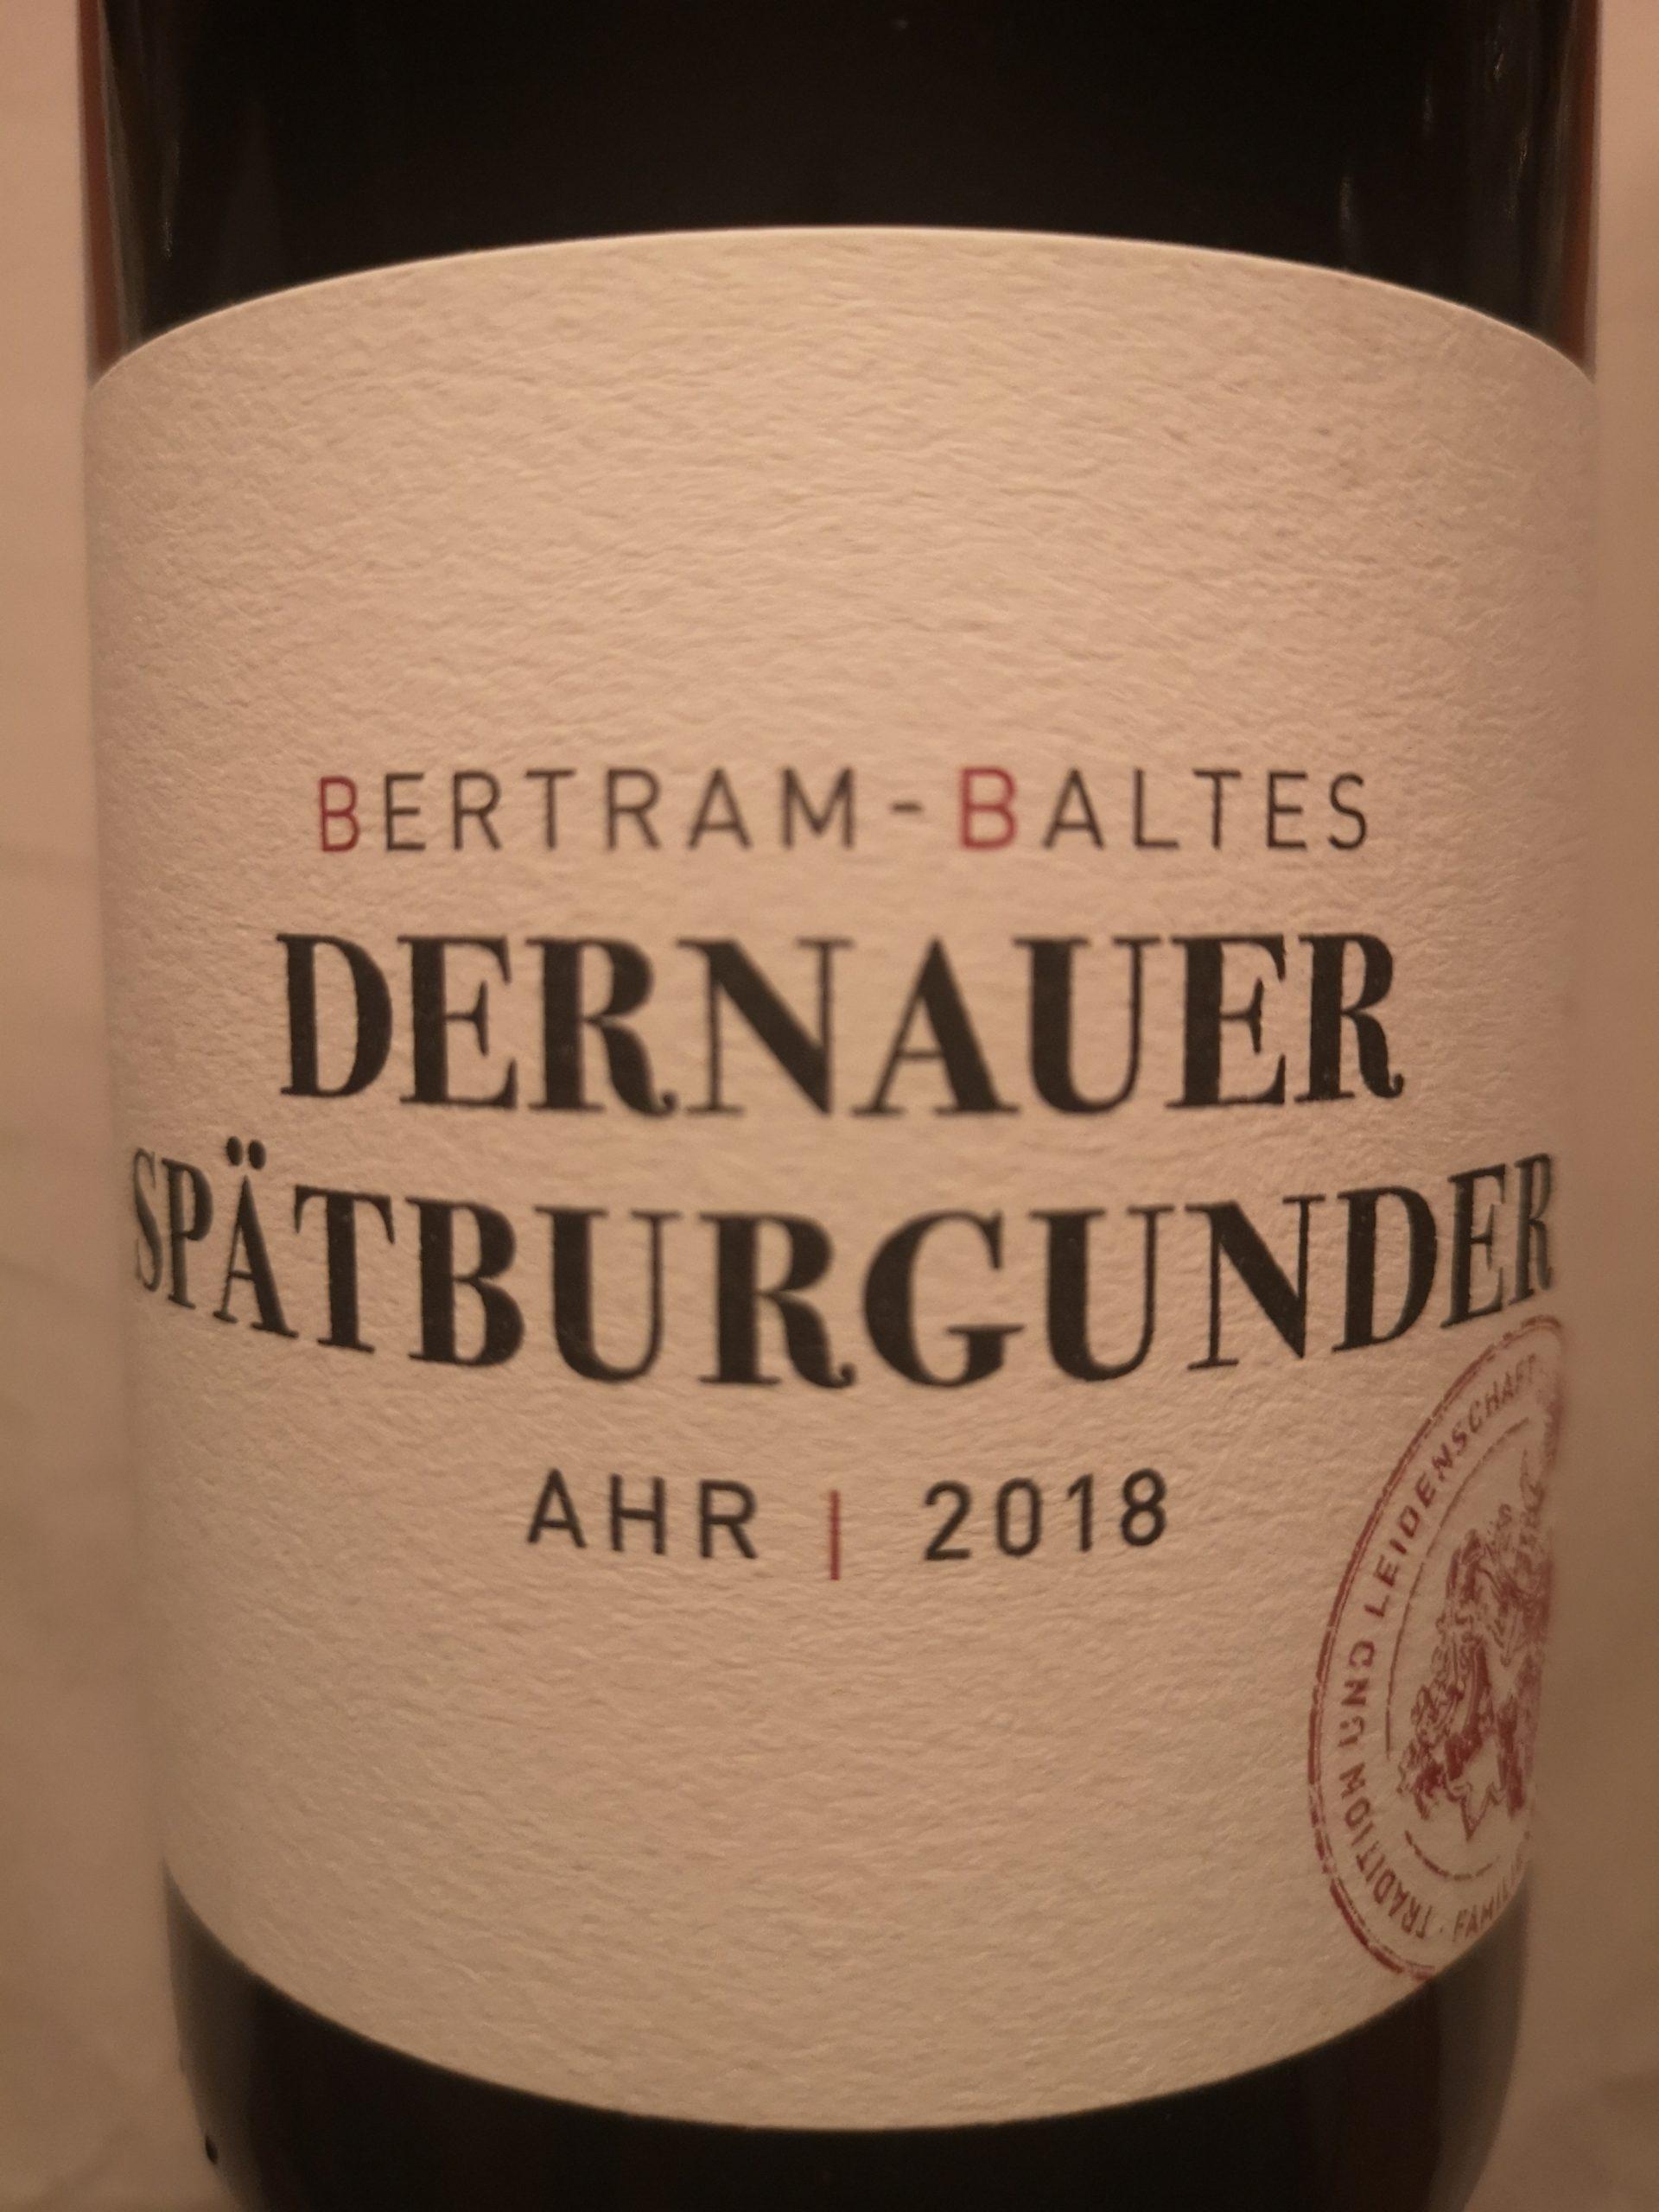 2018 Spätburgunder Dernauer trocken | Bertram-Baltes